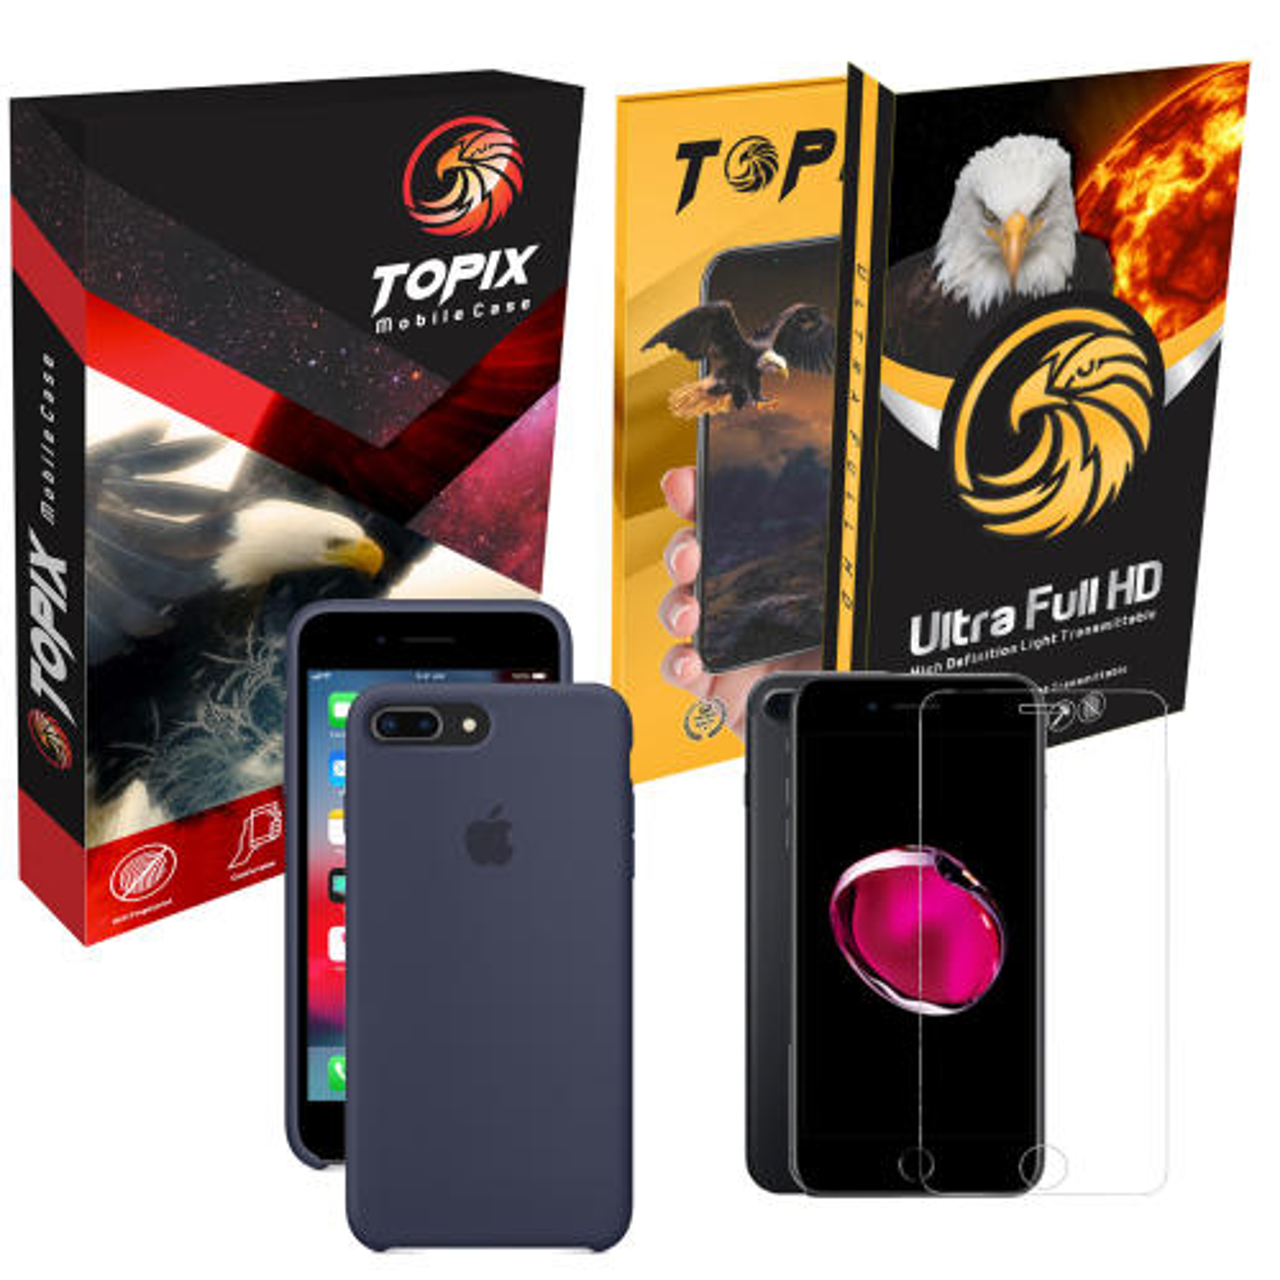 کاور سیلیکونی و محافظ صفحه نمایش تاپیکس مناسب برای گوشی موبایل اپل iphone 7plus / 8plus